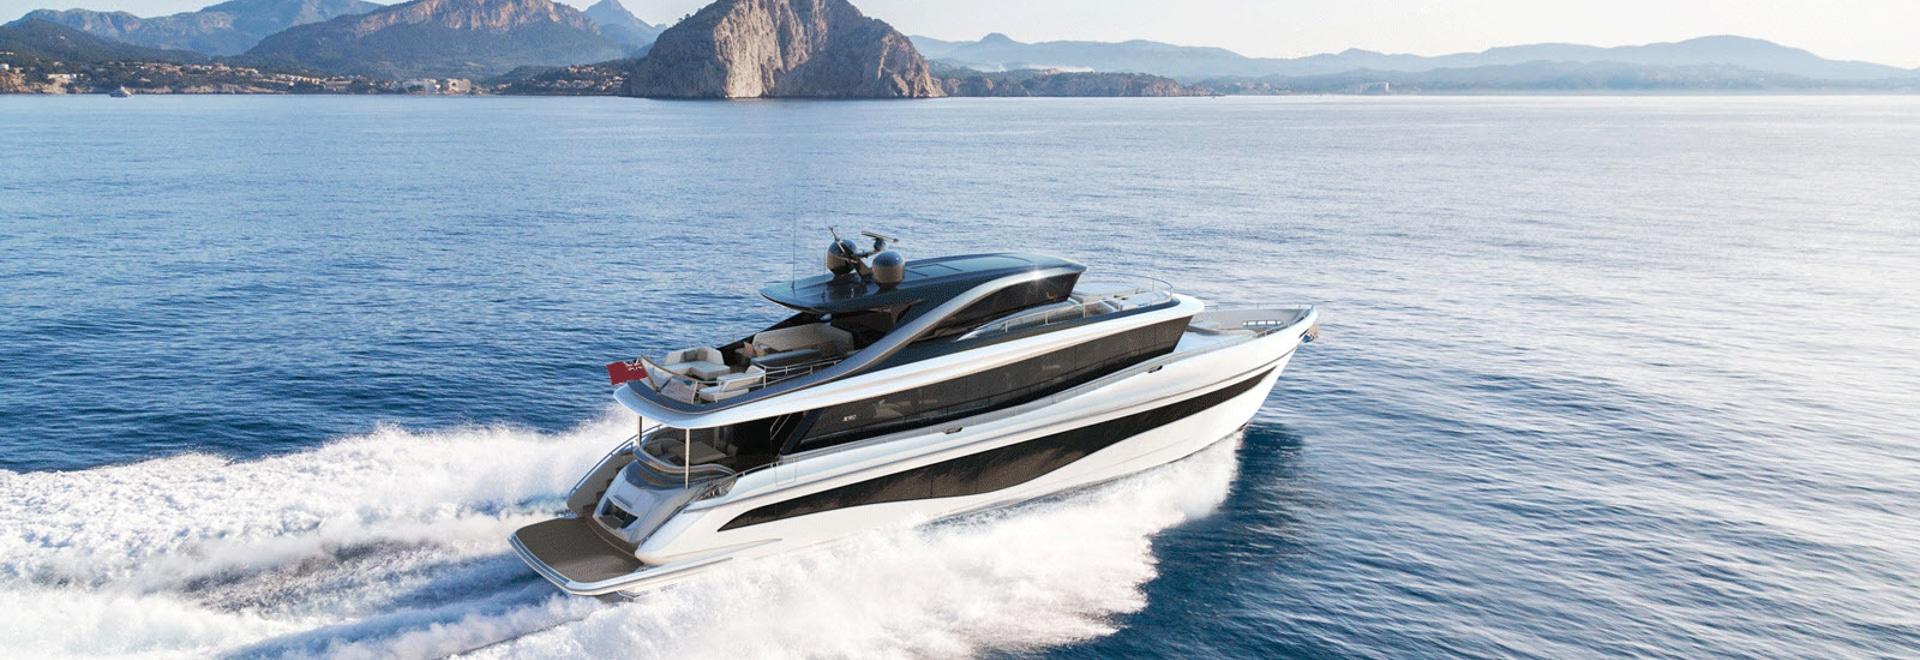 El Princess Yachts revela un superyate de 25 metros X80